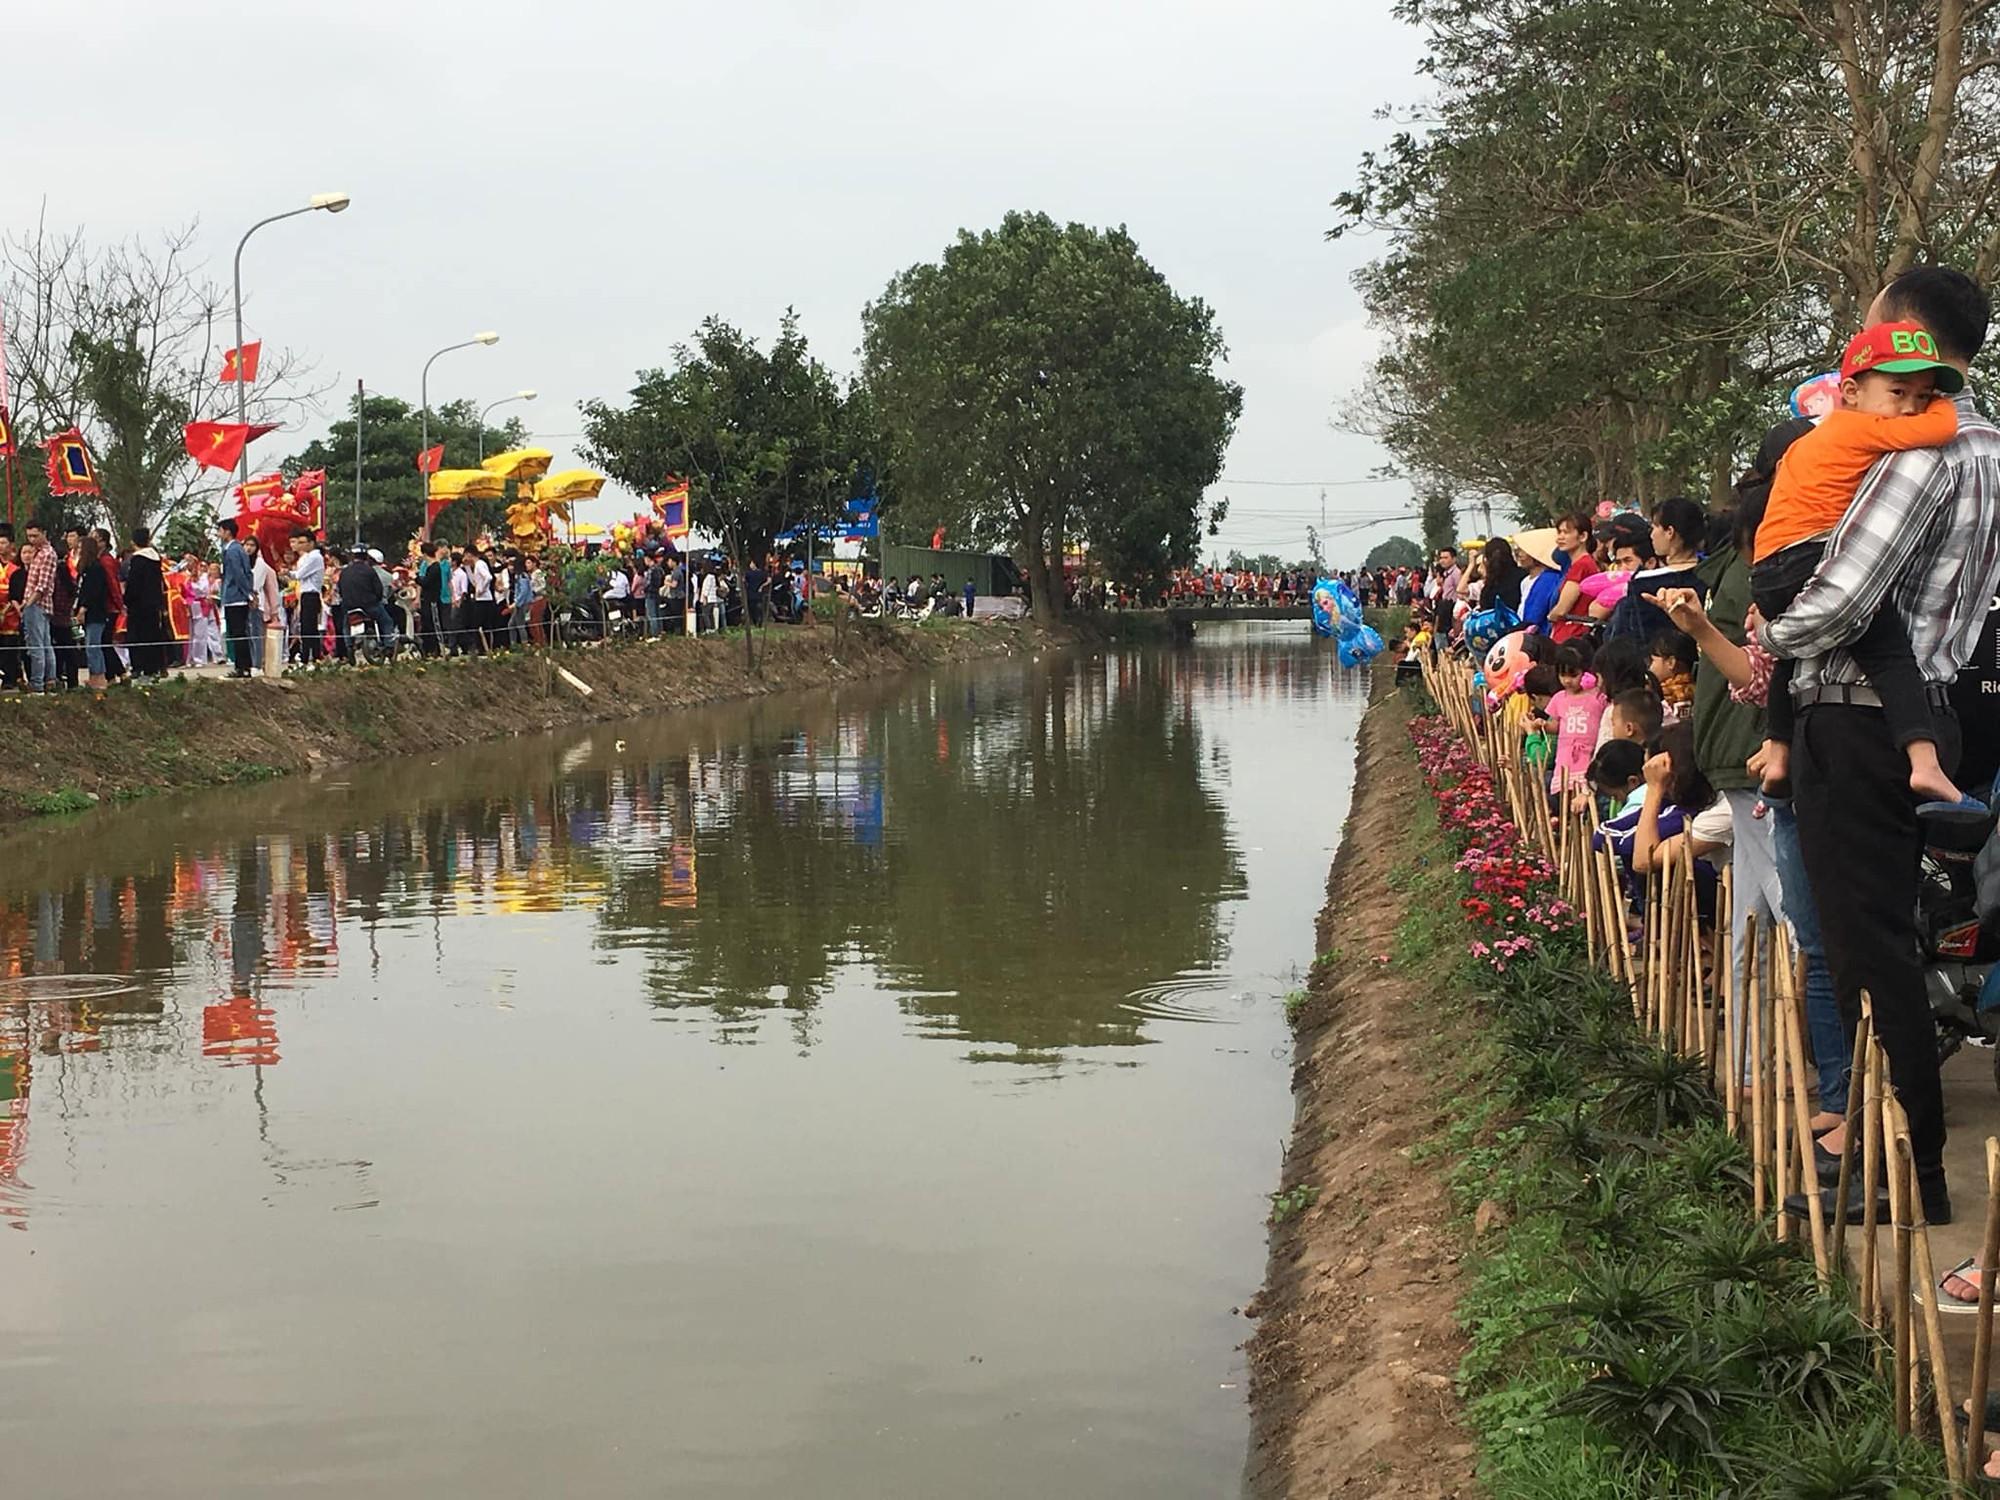 Cơn sốt thử thách dọn rác lan tỏa ở Việt Nam và tín hiệu đáng mừng về sự biến mất của những bãi rác lớn - Ảnh 4.